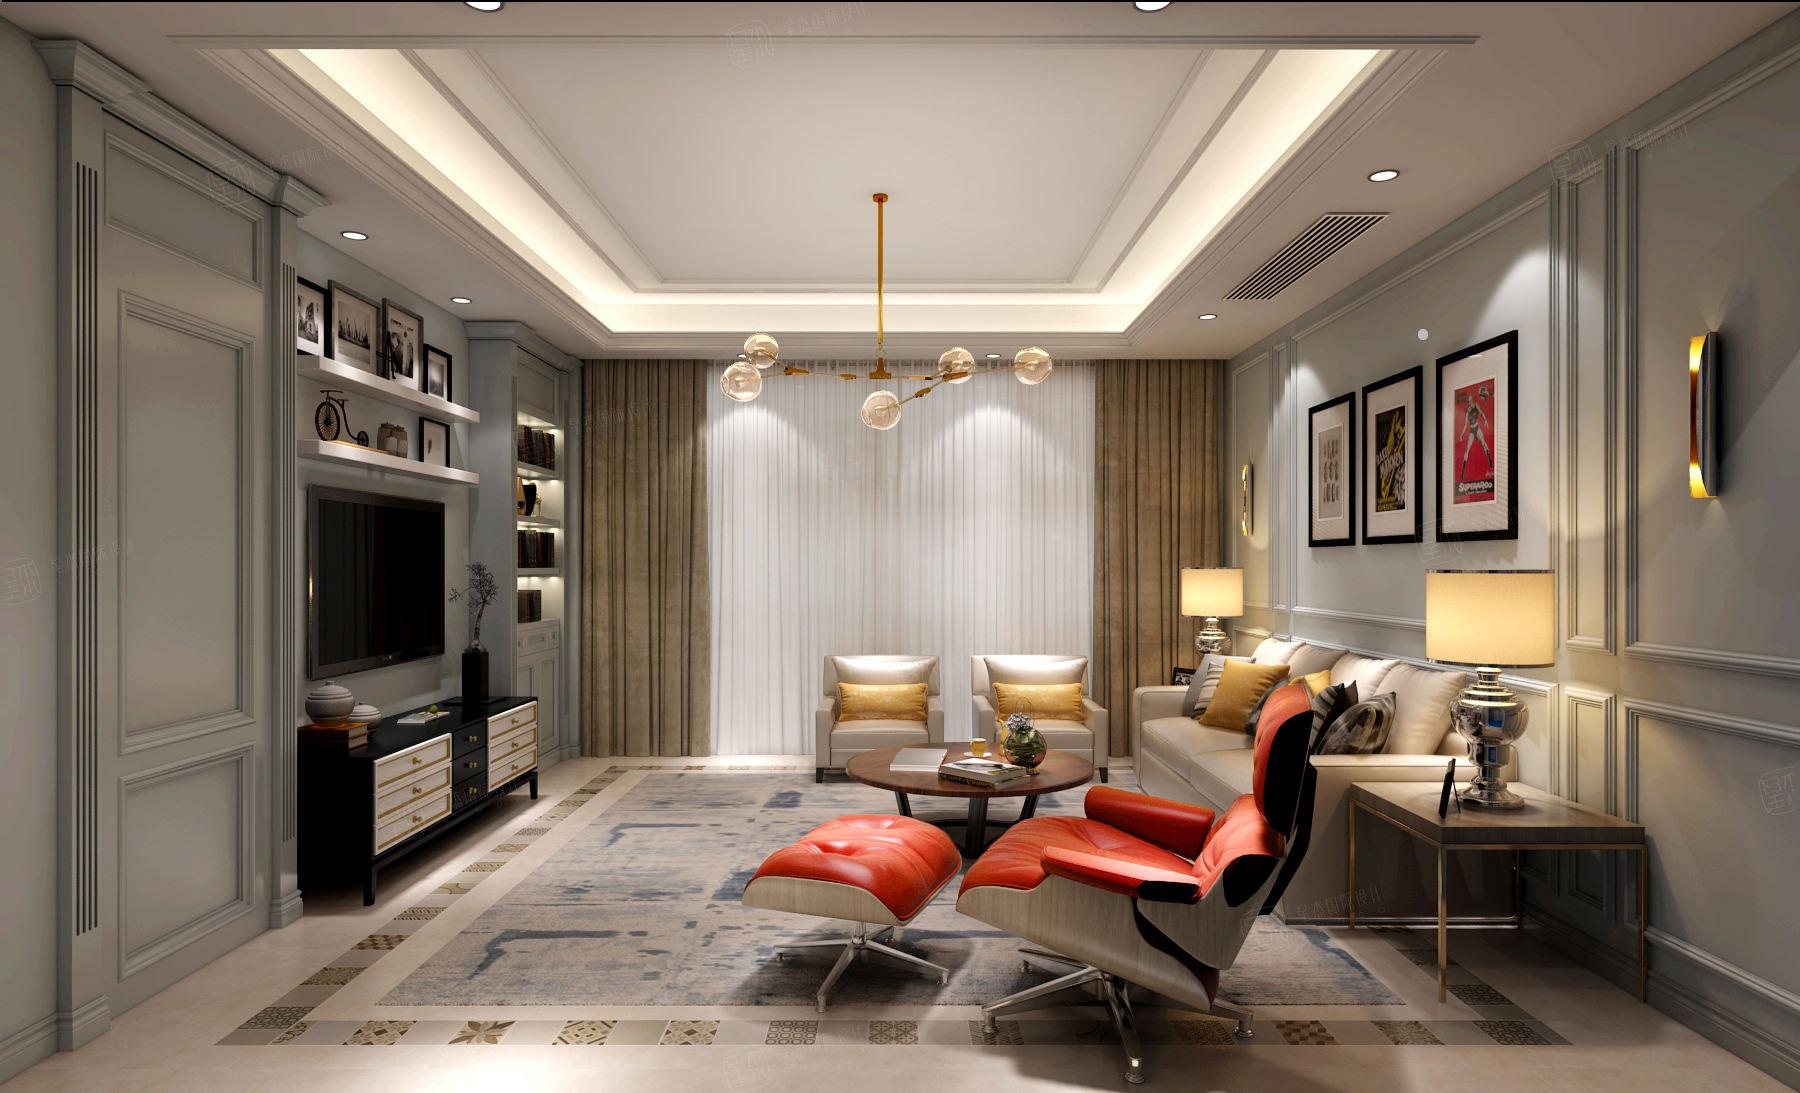 尚海郦景 现代简约装修客厅效果图